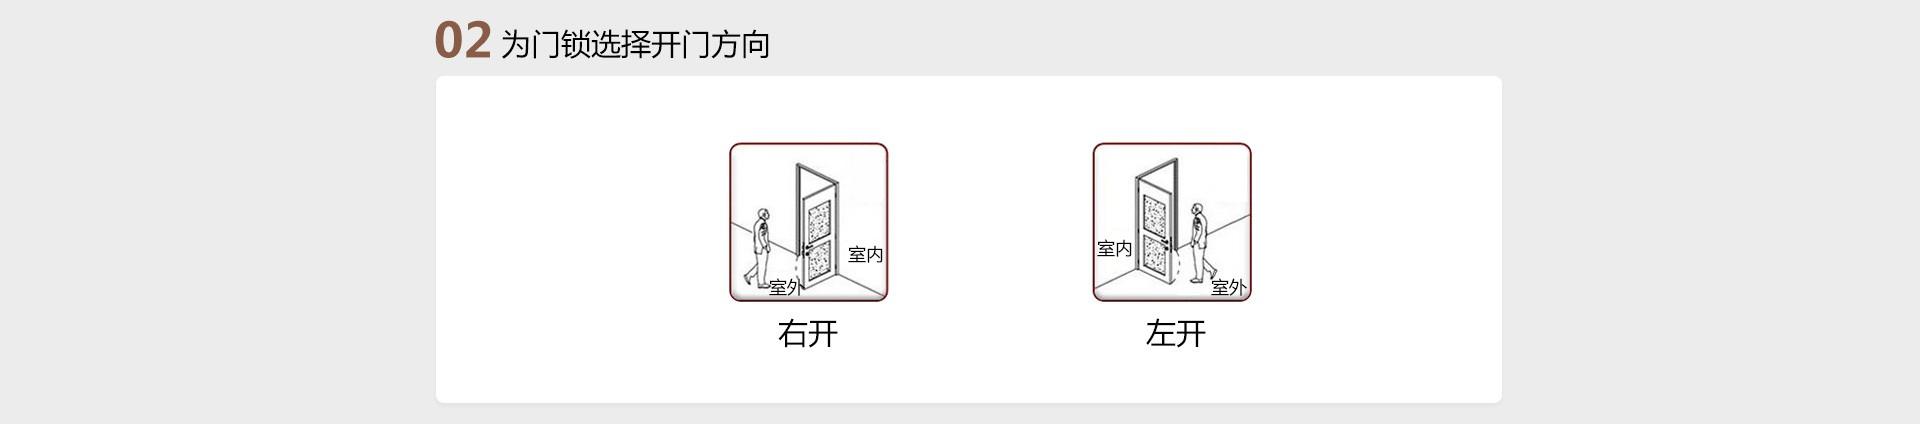 自助购物须知_pc_02.jpg